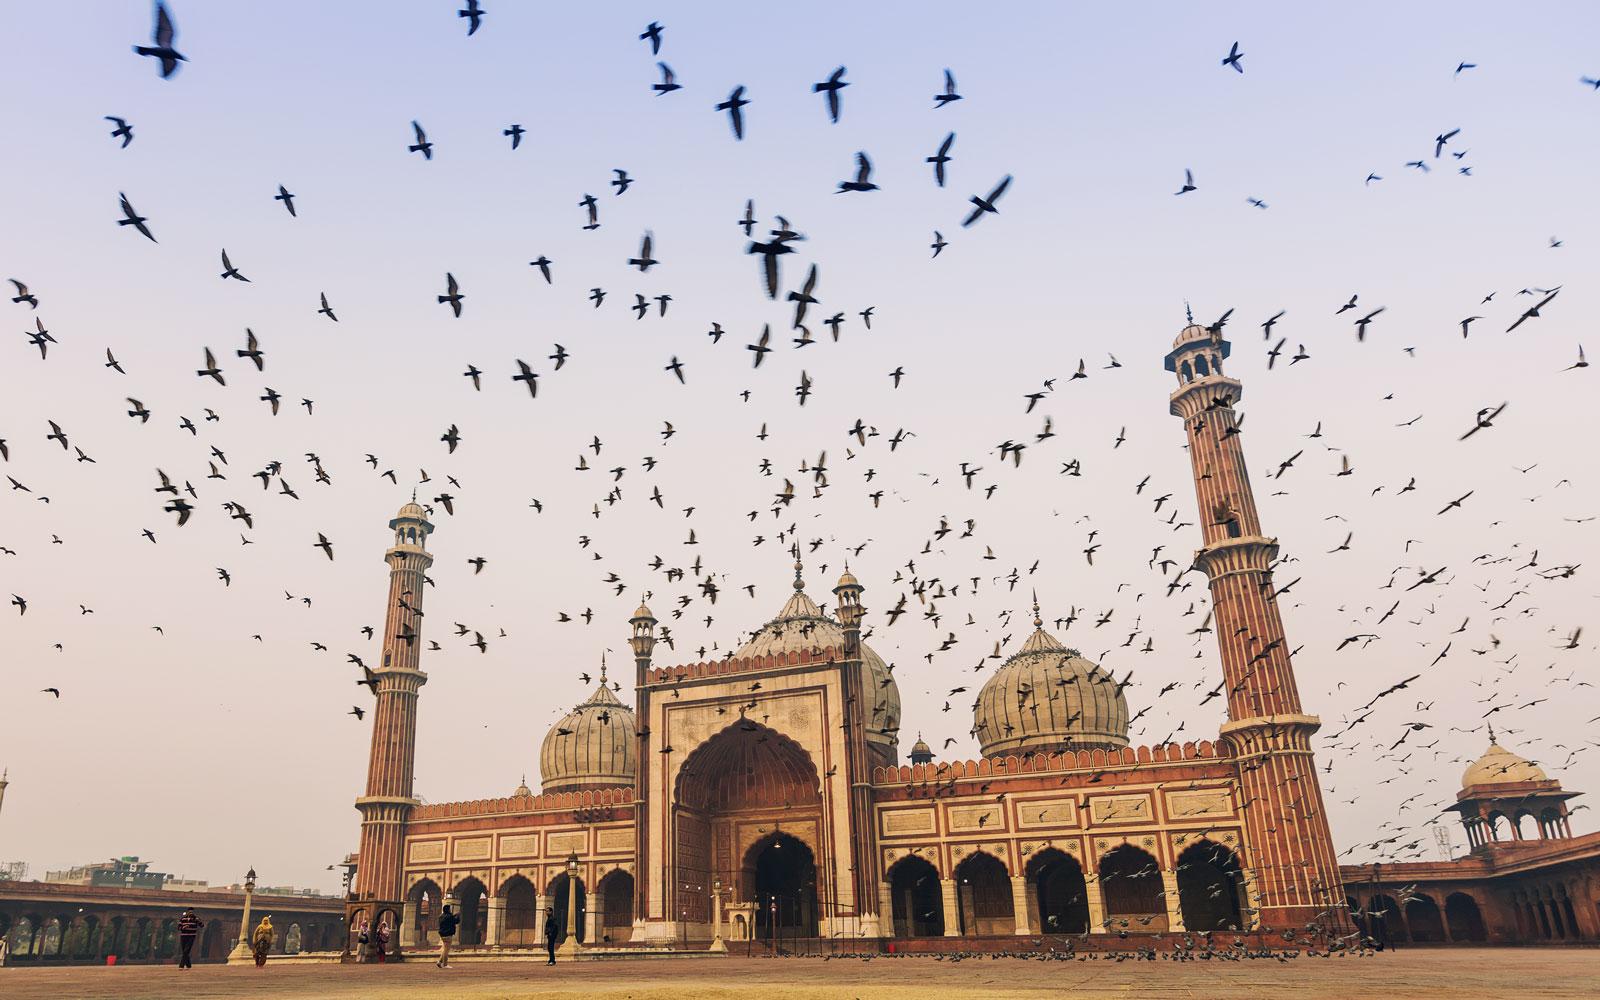 The historic Jama Masjid, Old Delhi.